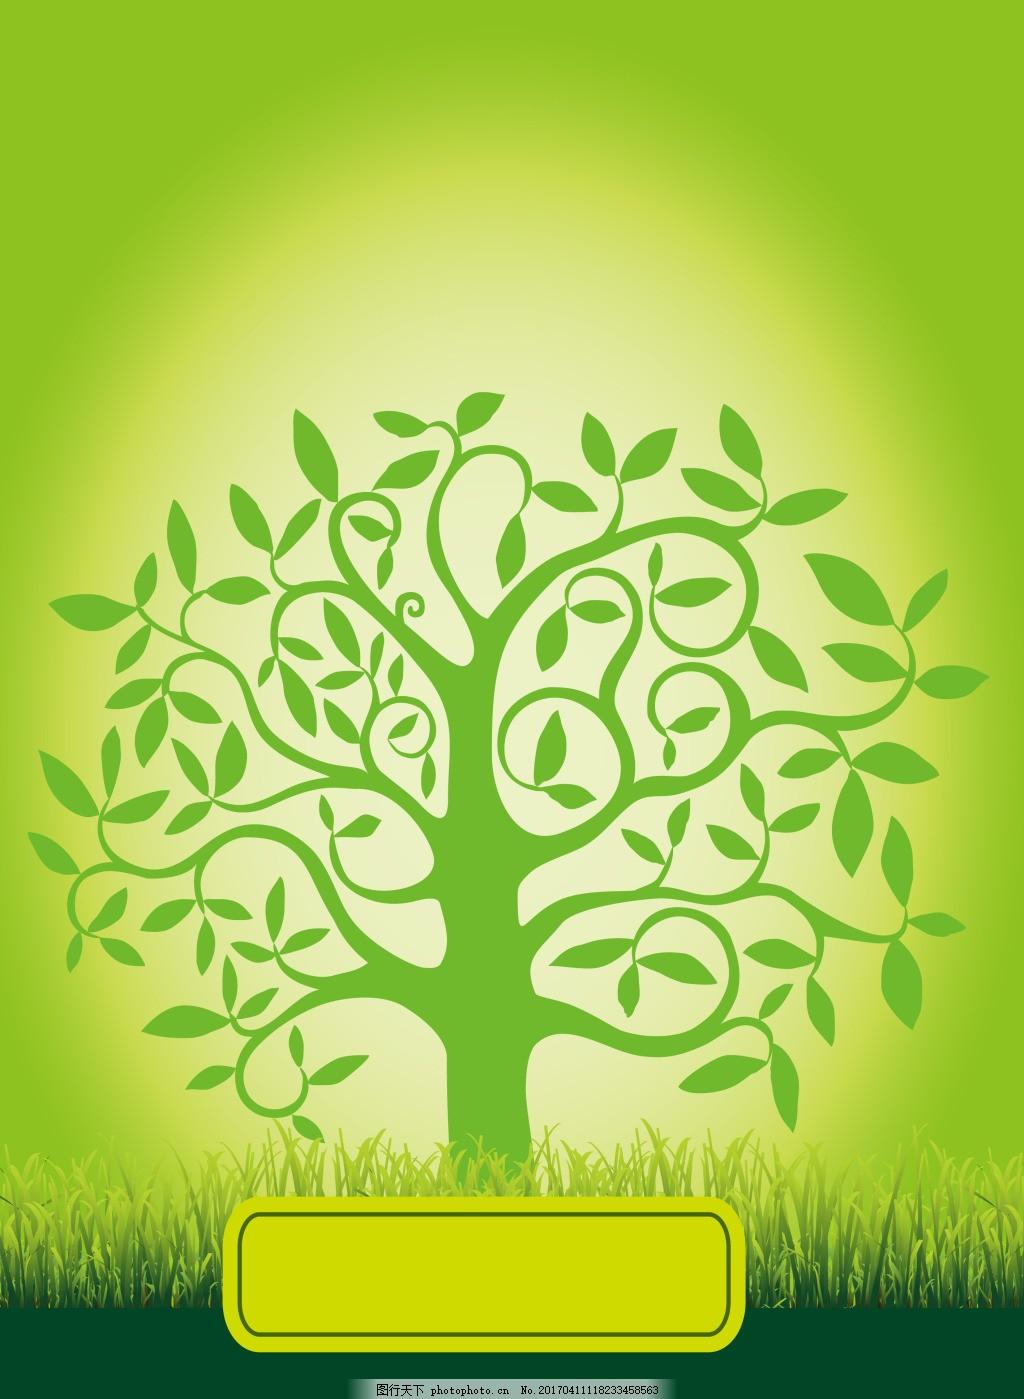 手绘绿色树背景